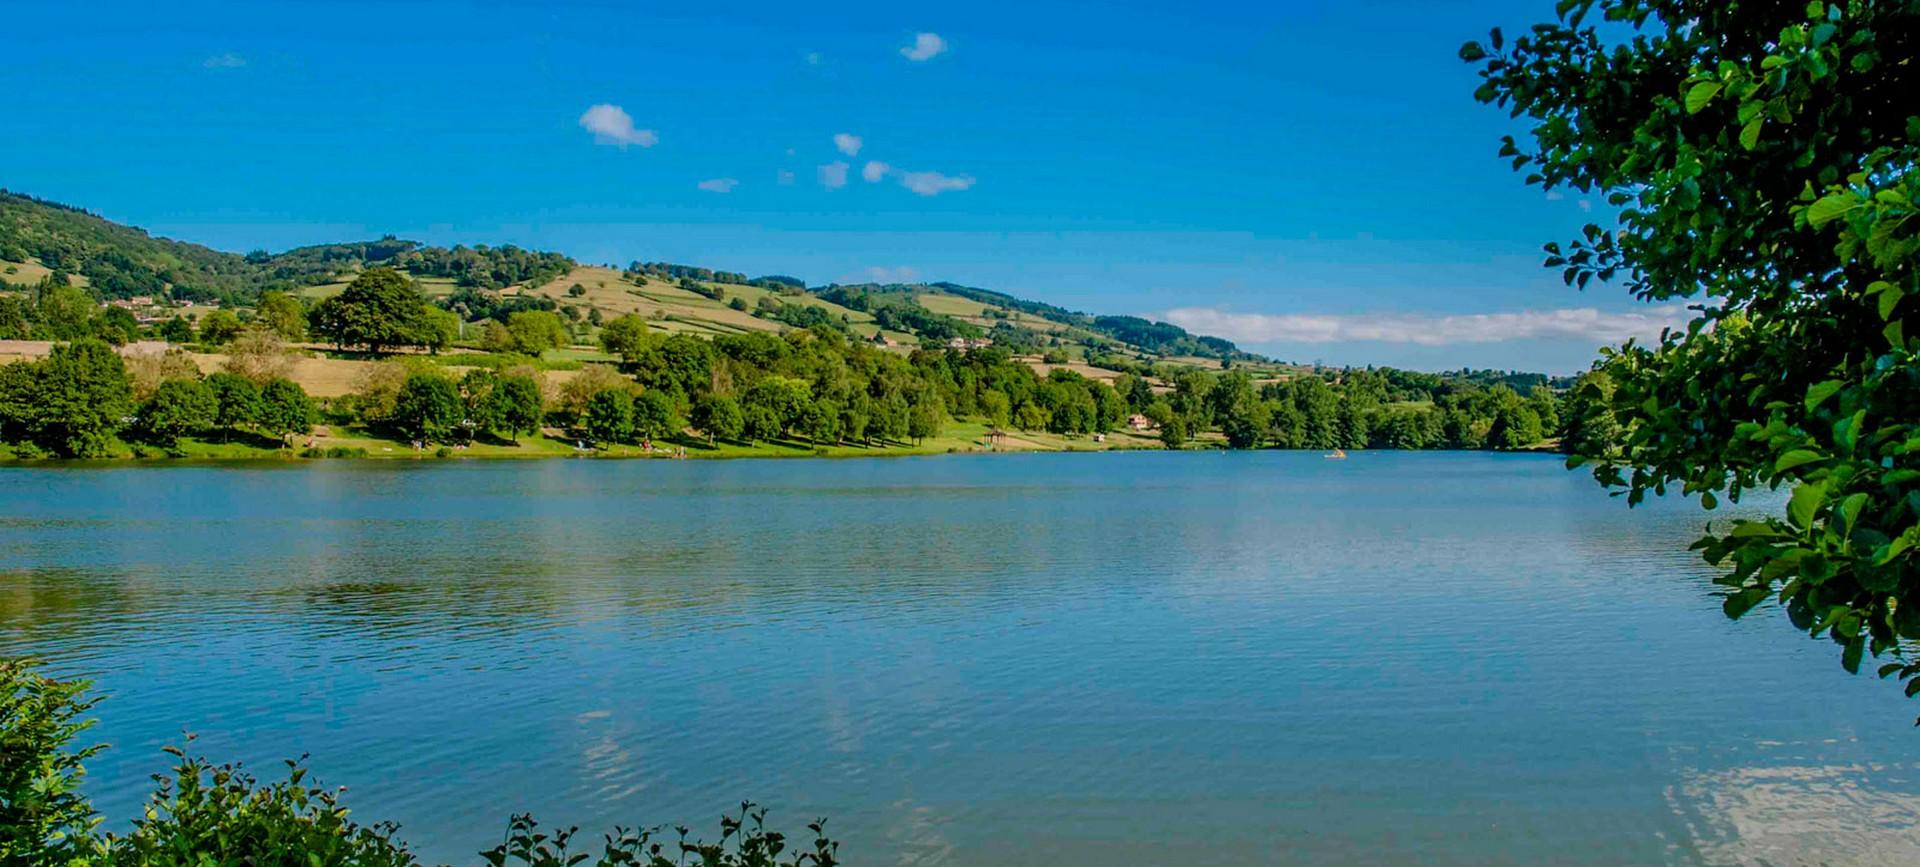 Camping Lac de Saint-Point-vue sur le lac-Les pieds dans l'eau